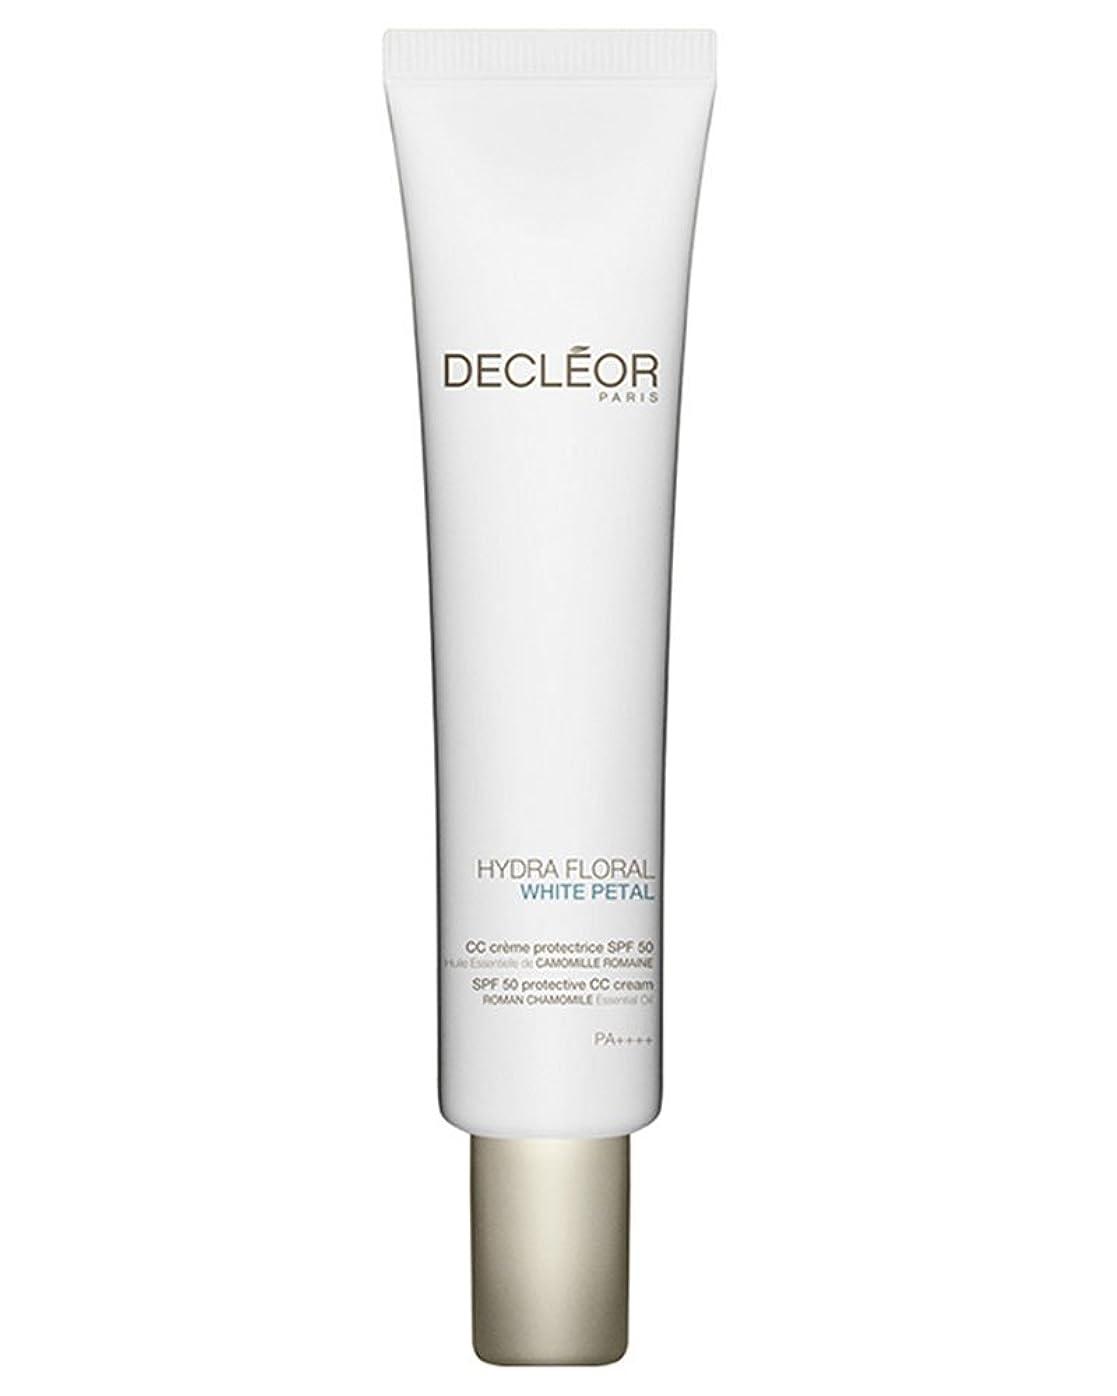 追う畝間に関してデクレオール Hydra Floral White Petal Roman Chamomile Protective CC Cream SPF50 40ml/1.3oz並行輸入品